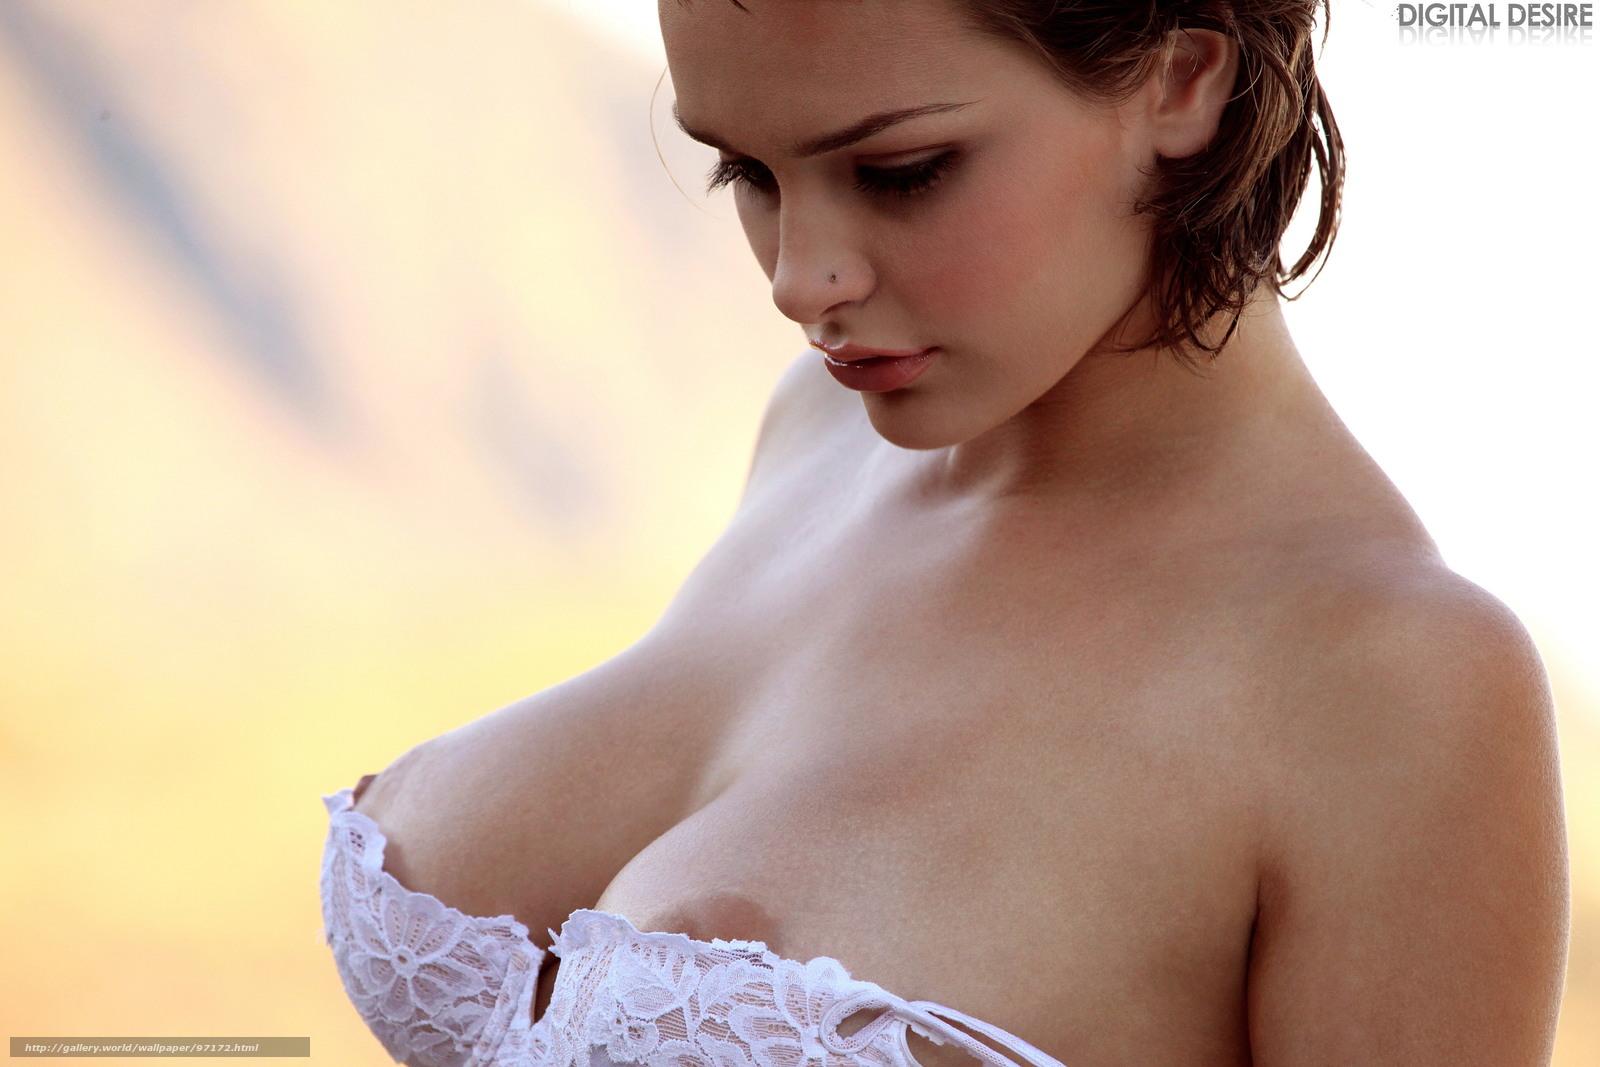 Фото лифчиков на голых девушках 20 фотография